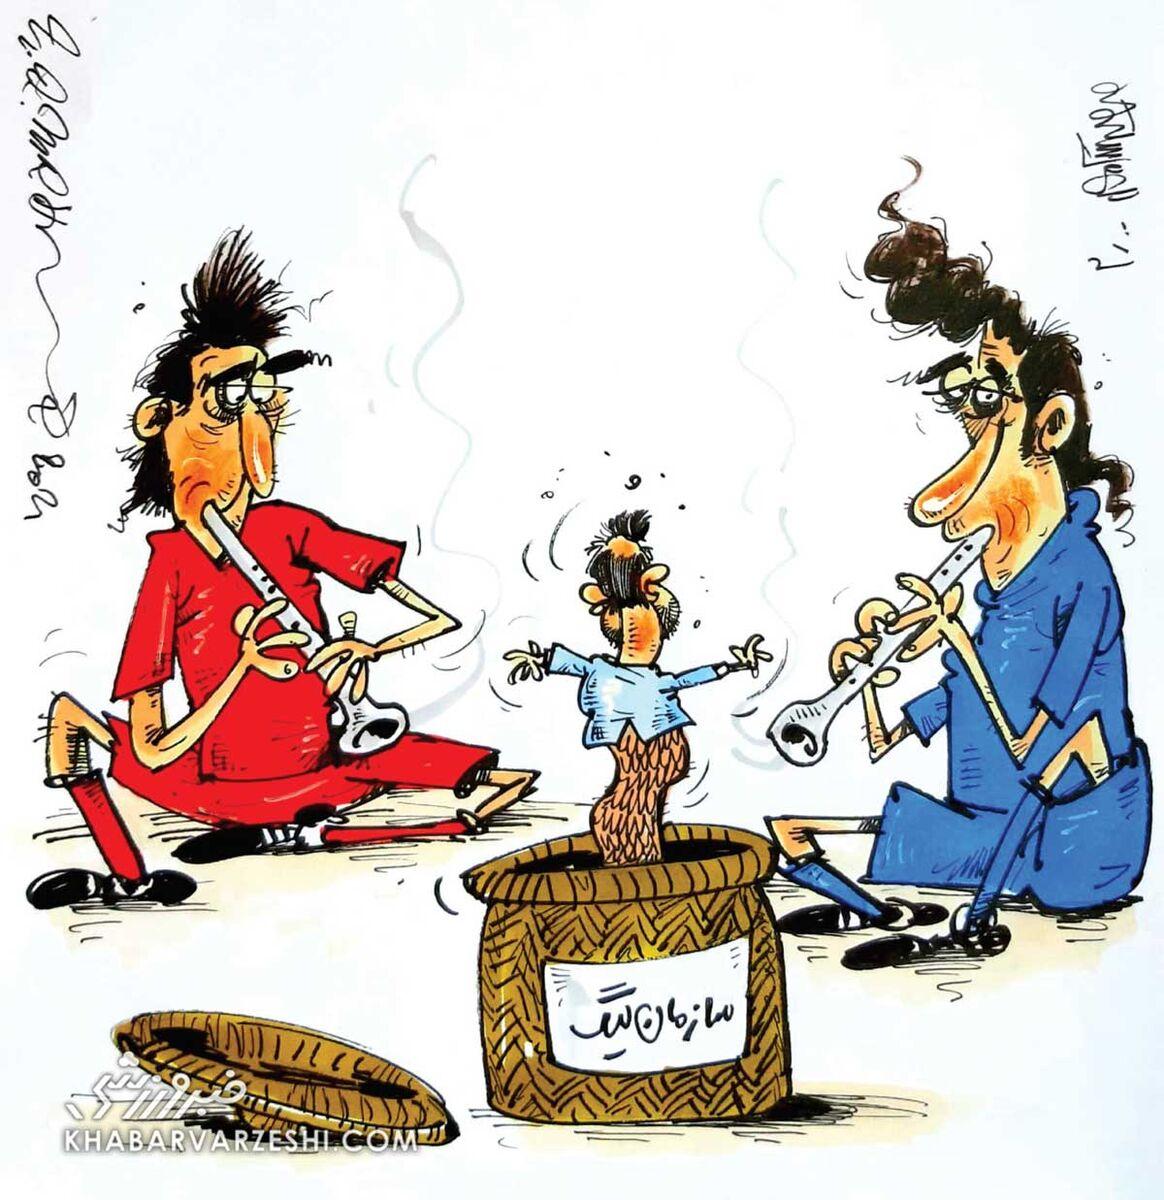 کارتون محمدرضا میرشاهولد درباره رقص سازمان لیگ